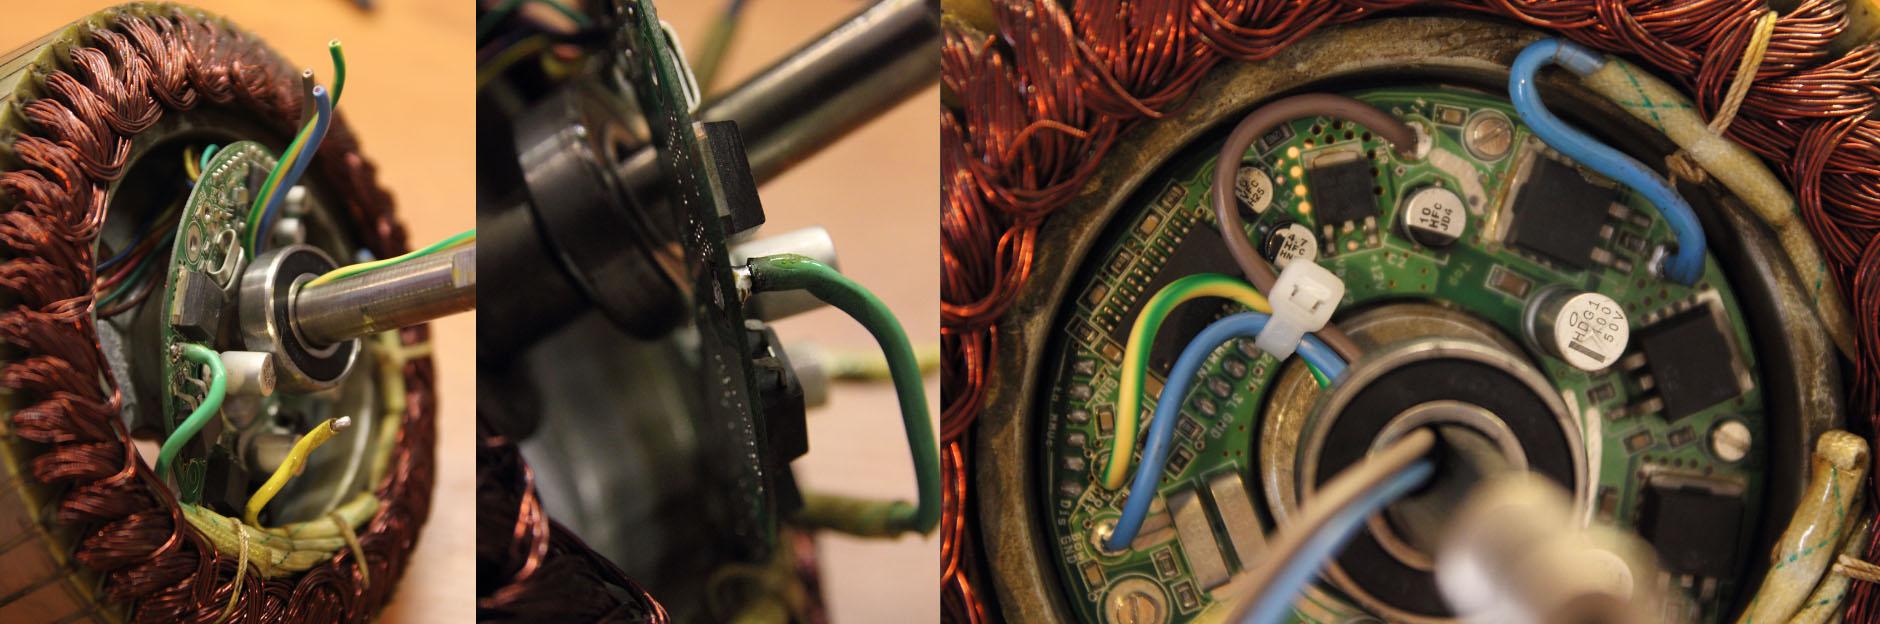 Als ik mijn fiets nou in elkaar kon solderen...